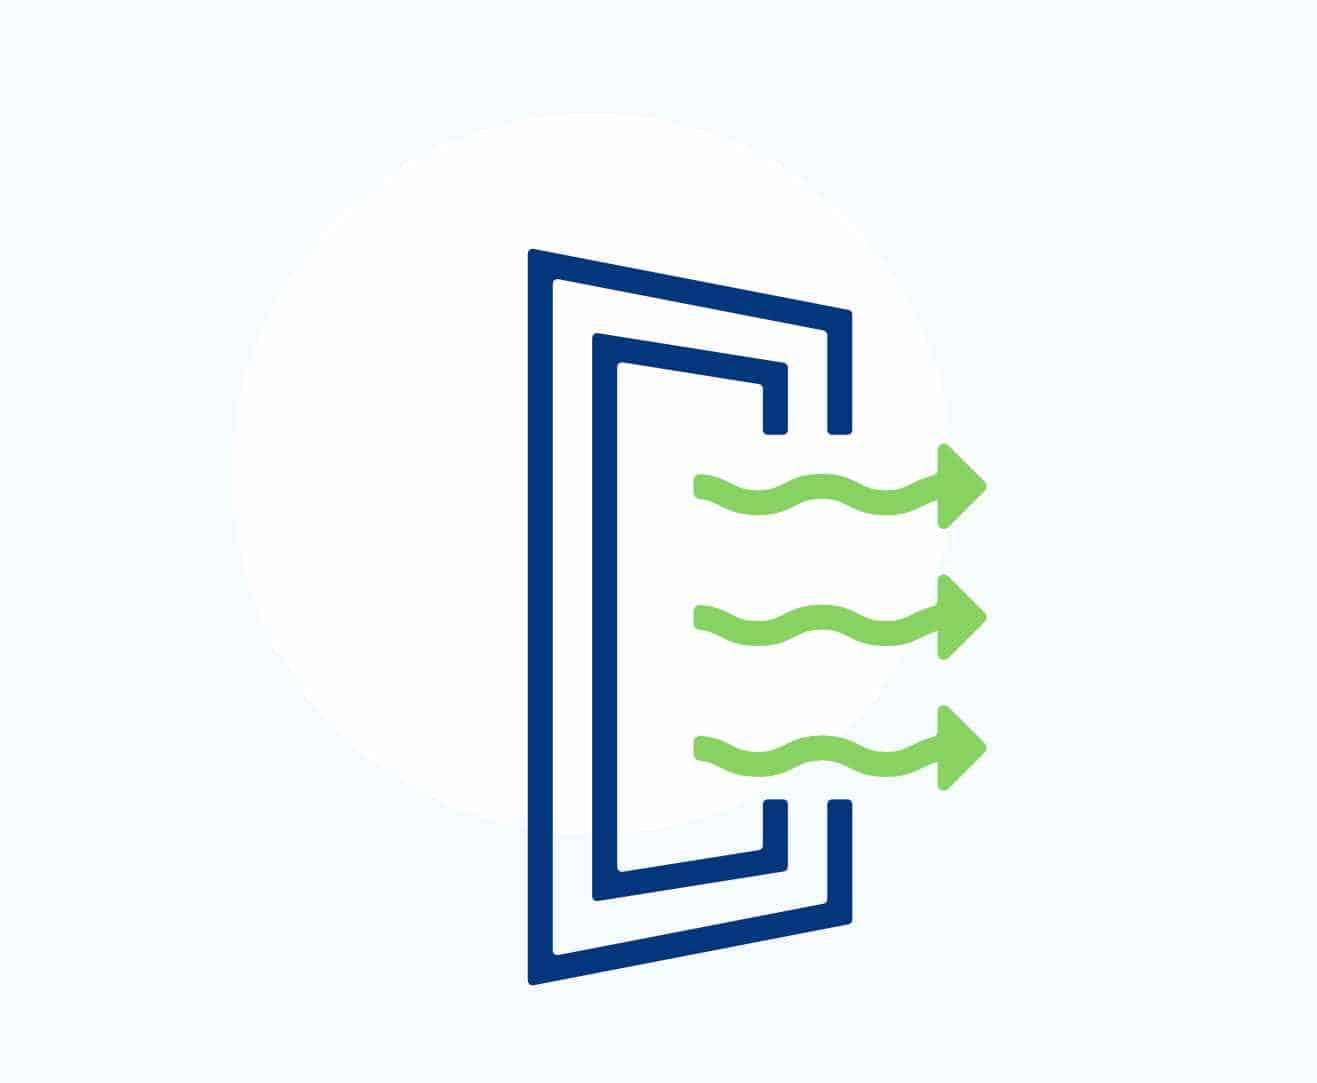 Les solutions de ventilation VTI sont adaptées aux bâtiments équipés de conduits de ventilation naturelle